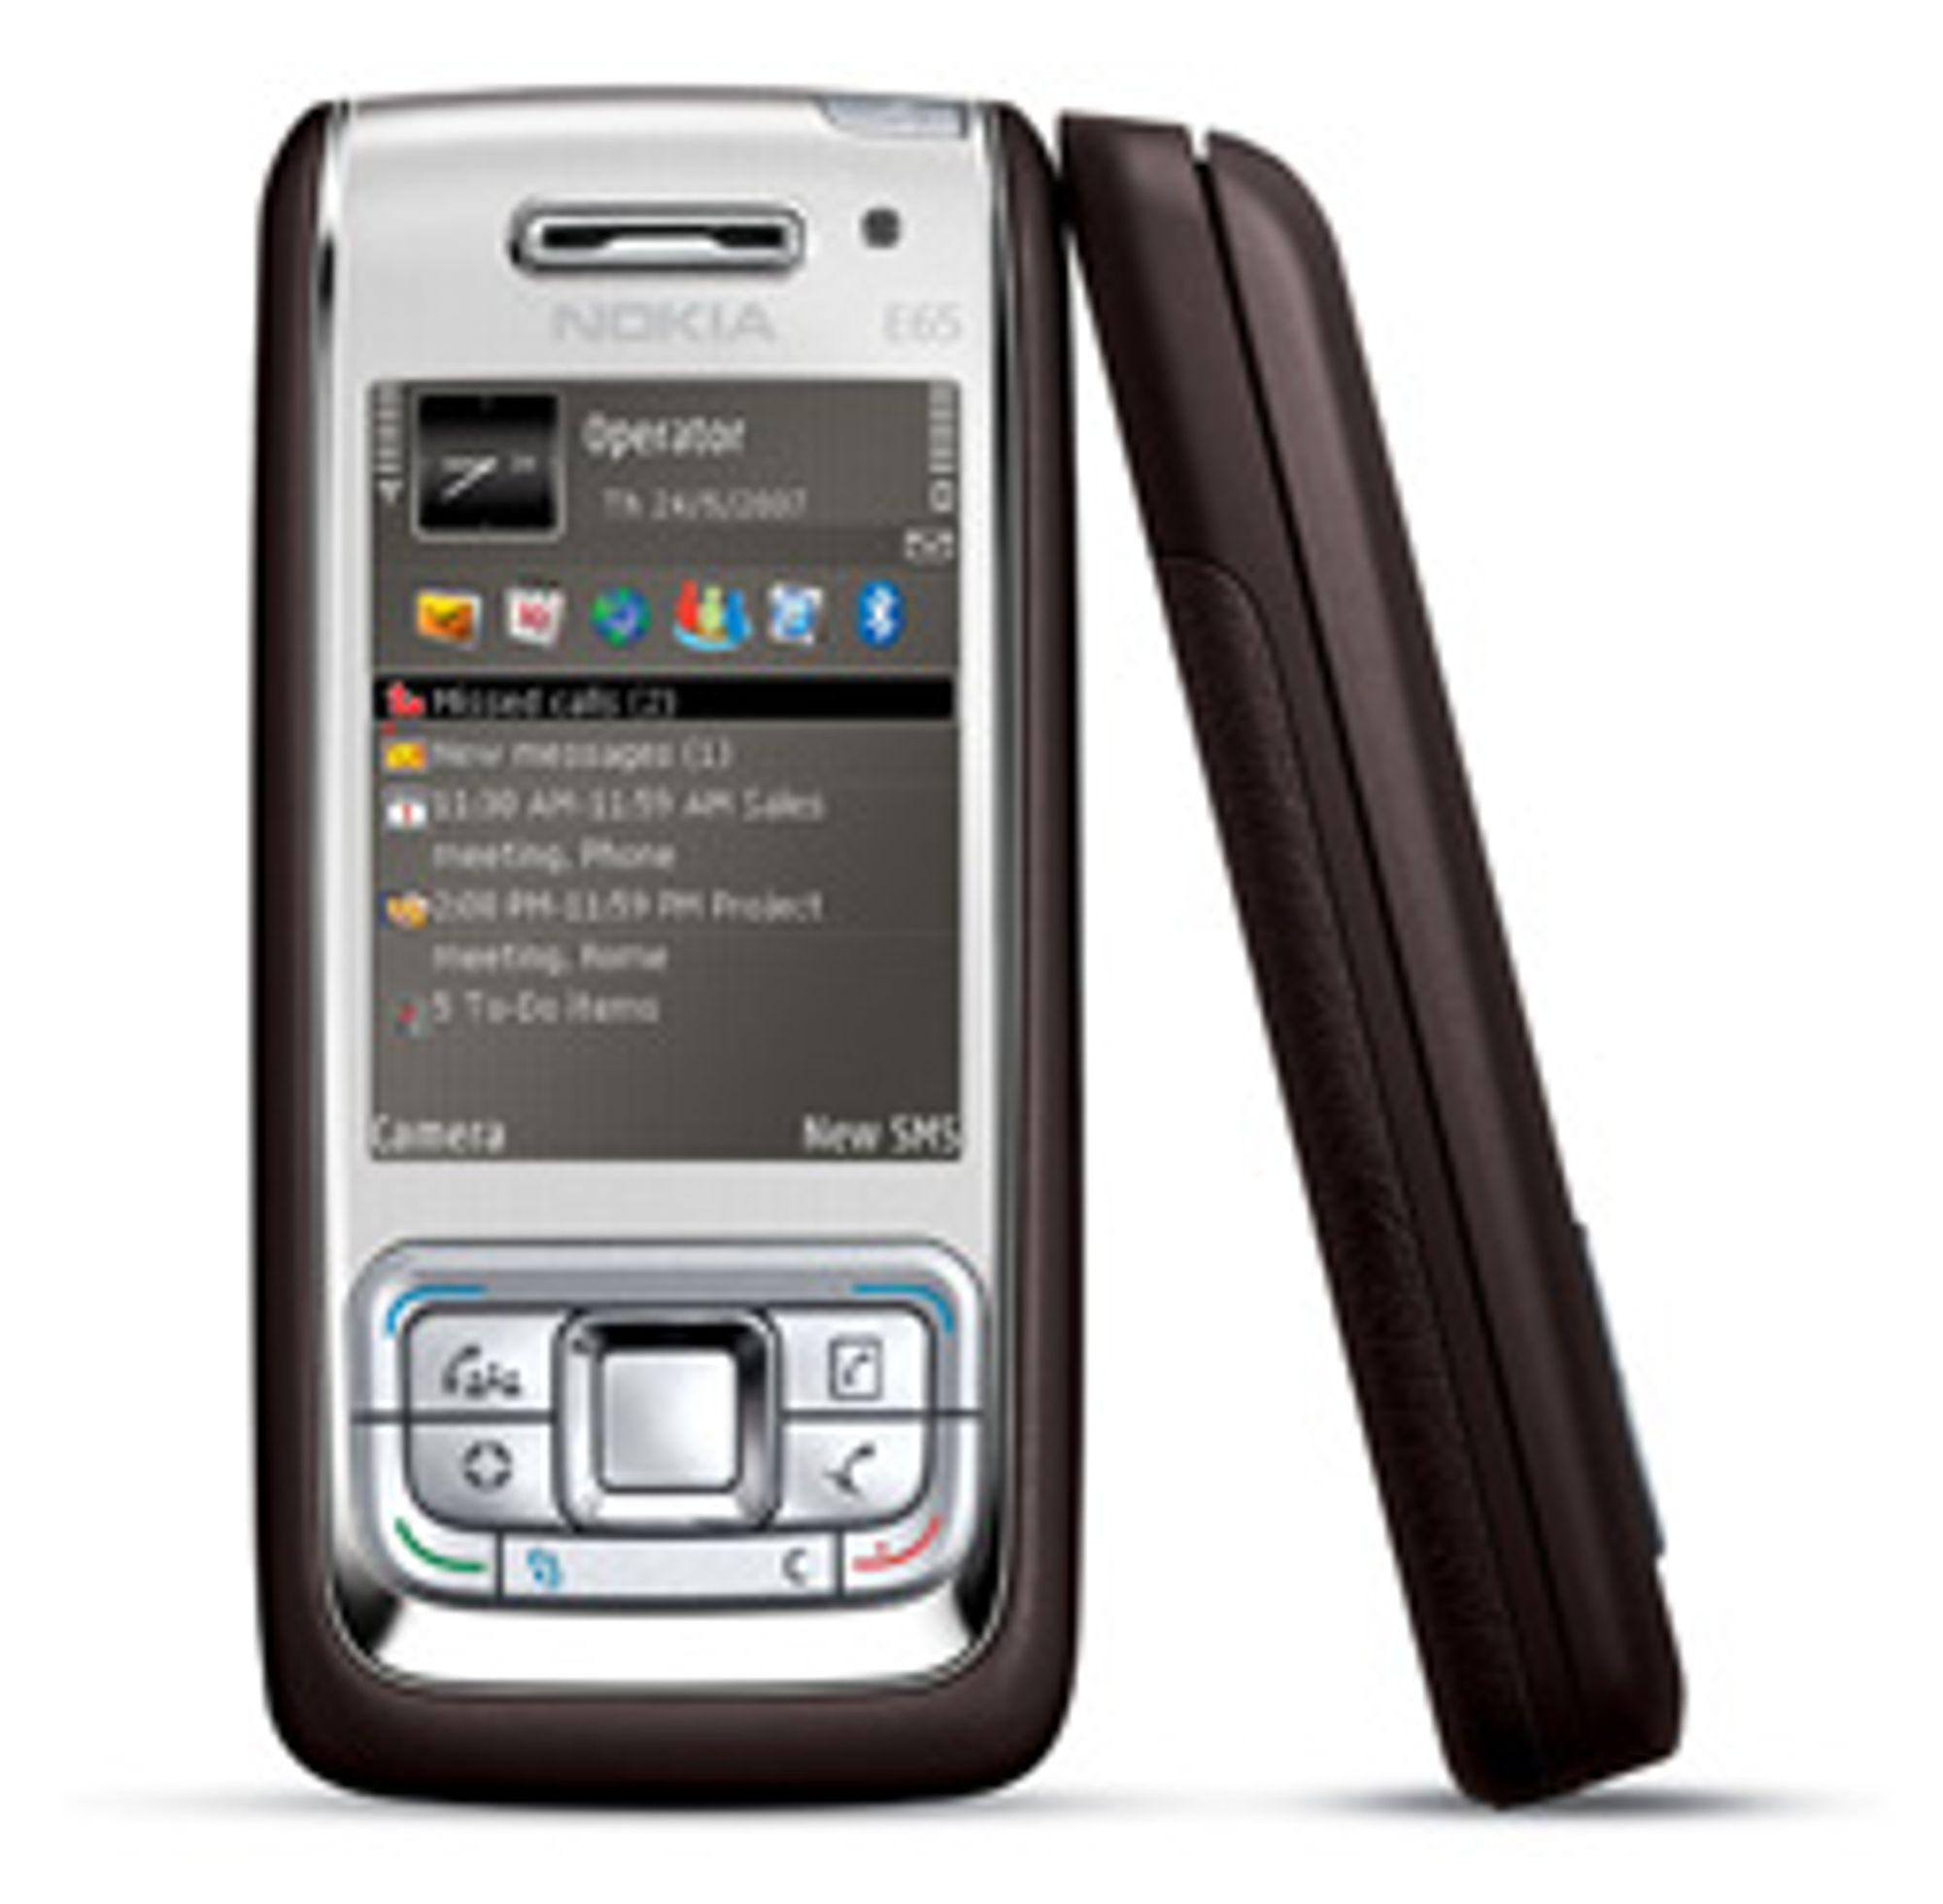 E65 fikk gode skussmål i vår test. (Foto: Nokia)